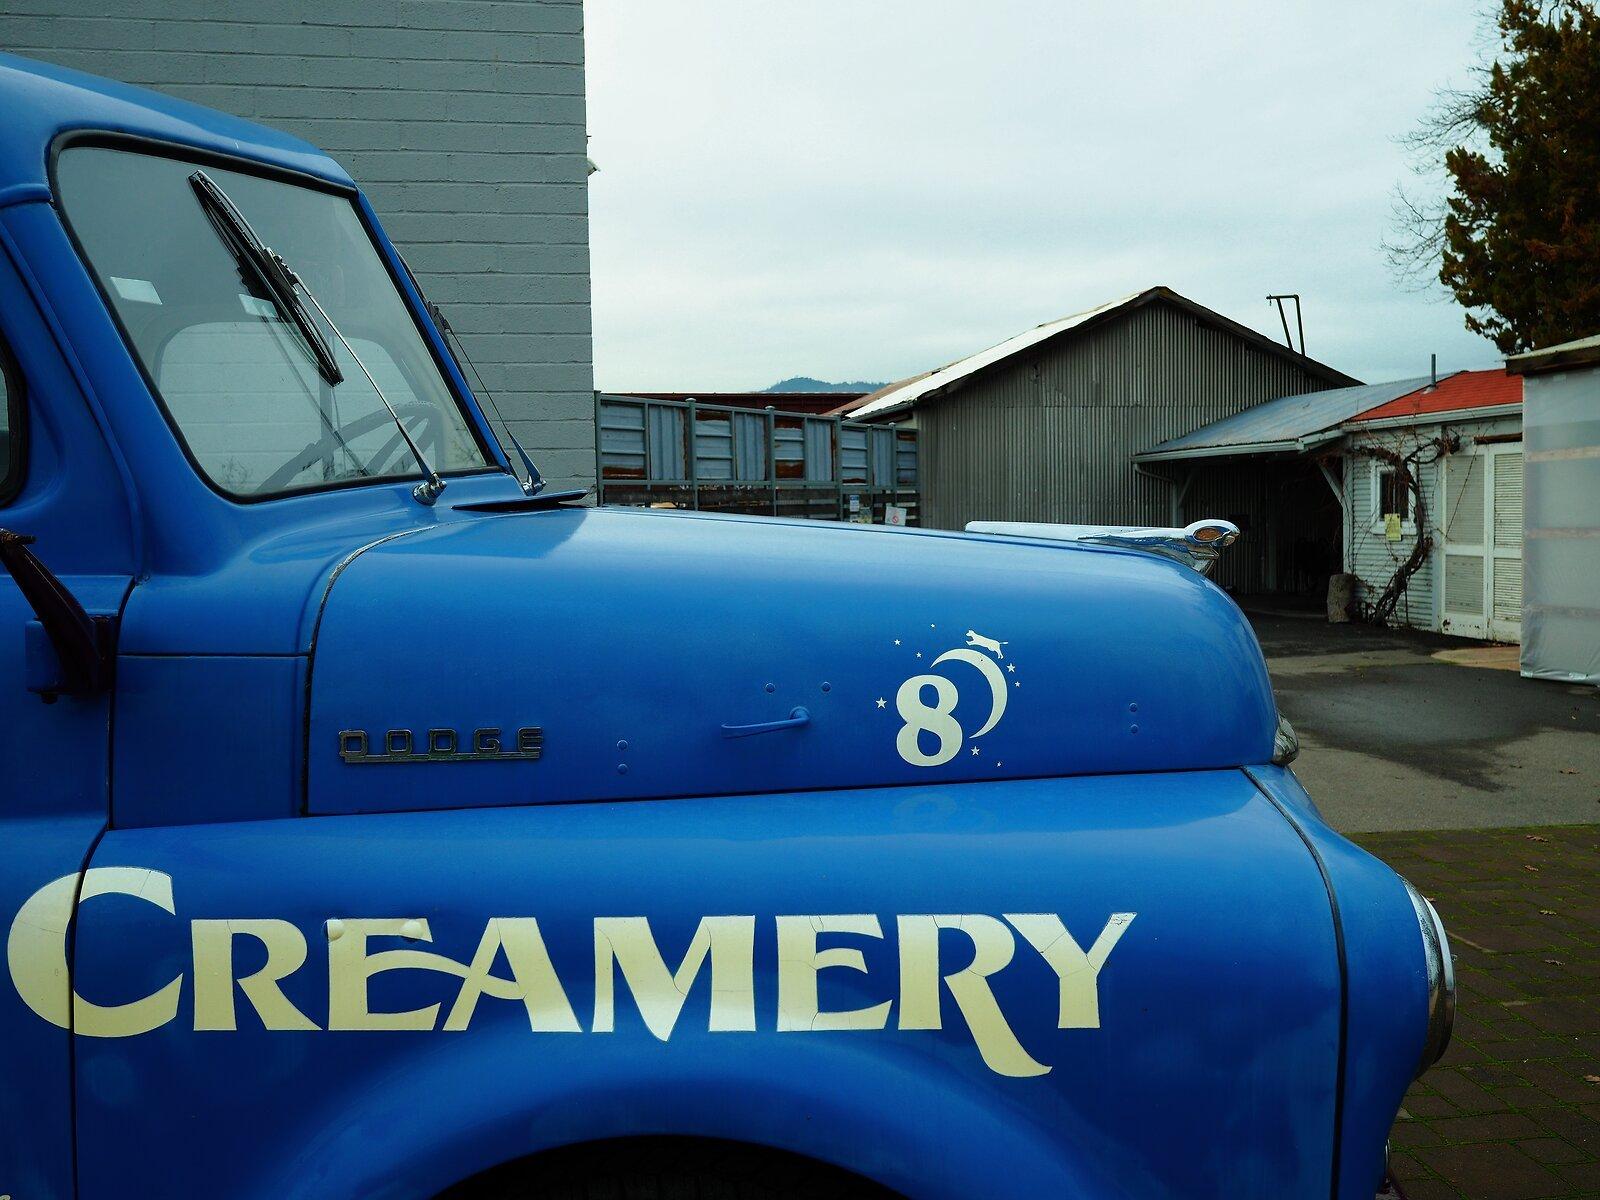 PenF_Jan15_21_Creamery_truck#1.jpg